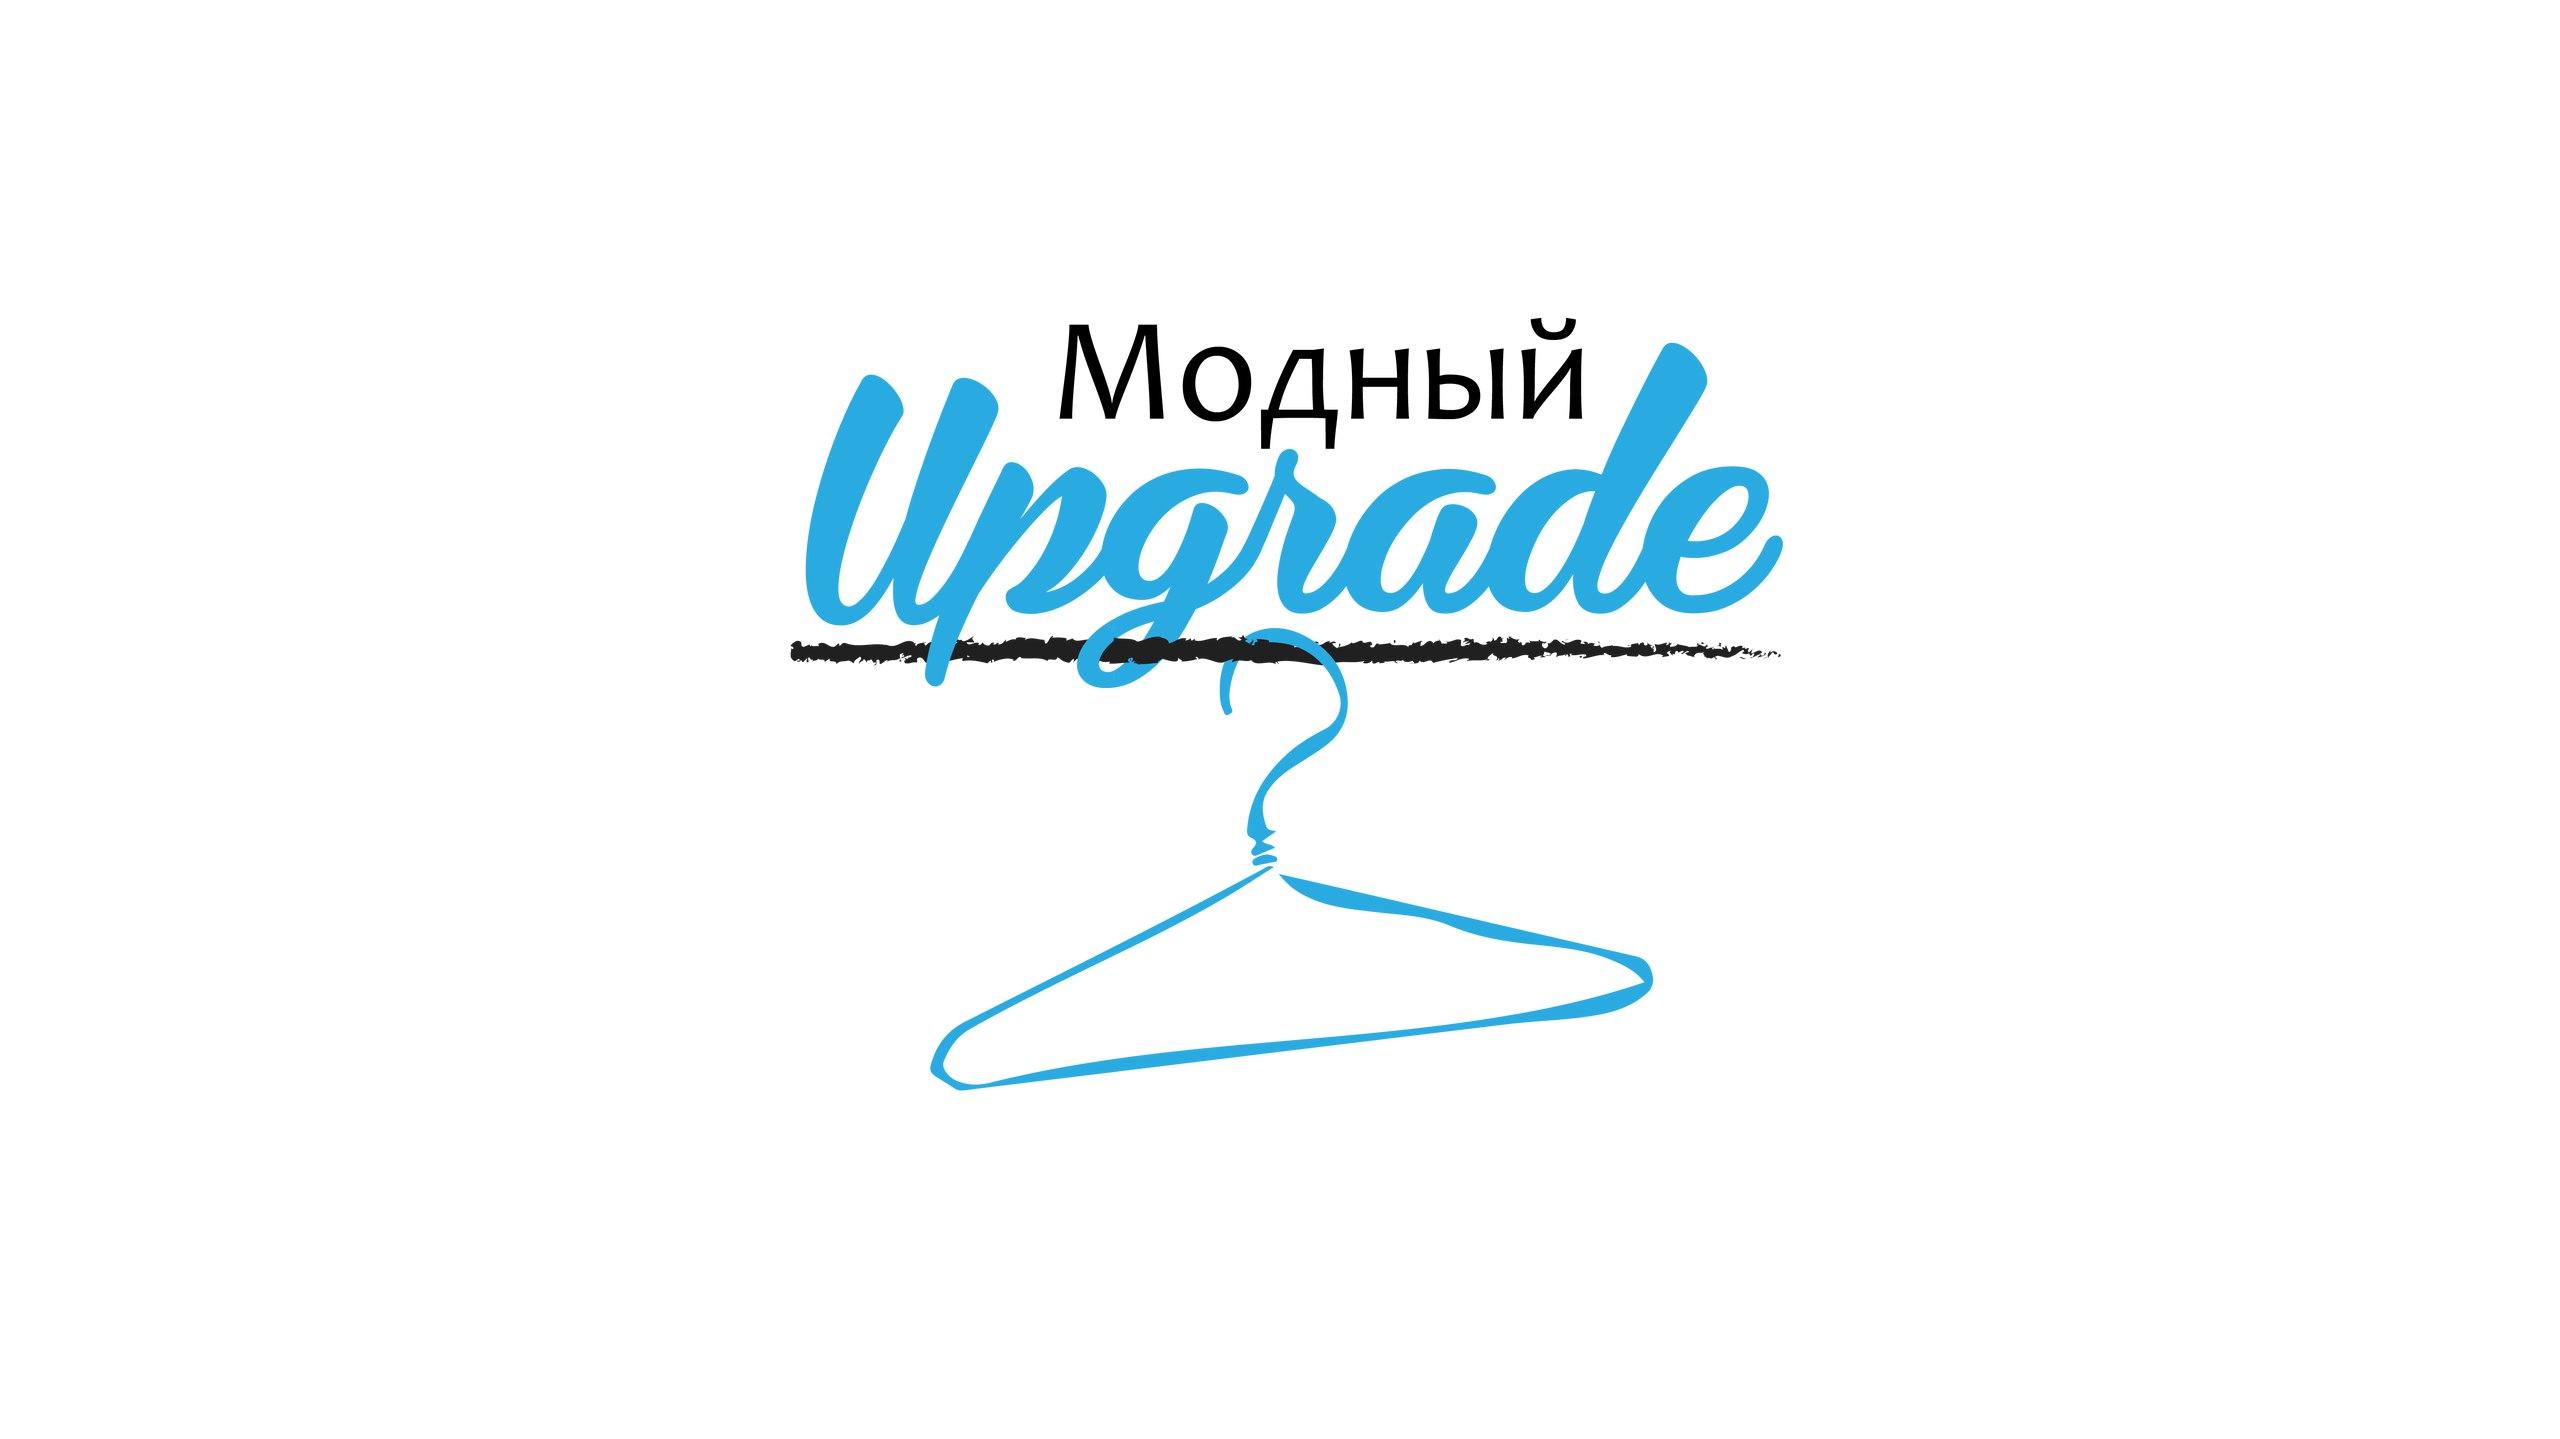 """Логотип интернет магазина """"Модный UPGRADE"""" фото f_47559424aa58fb6e.jpg"""